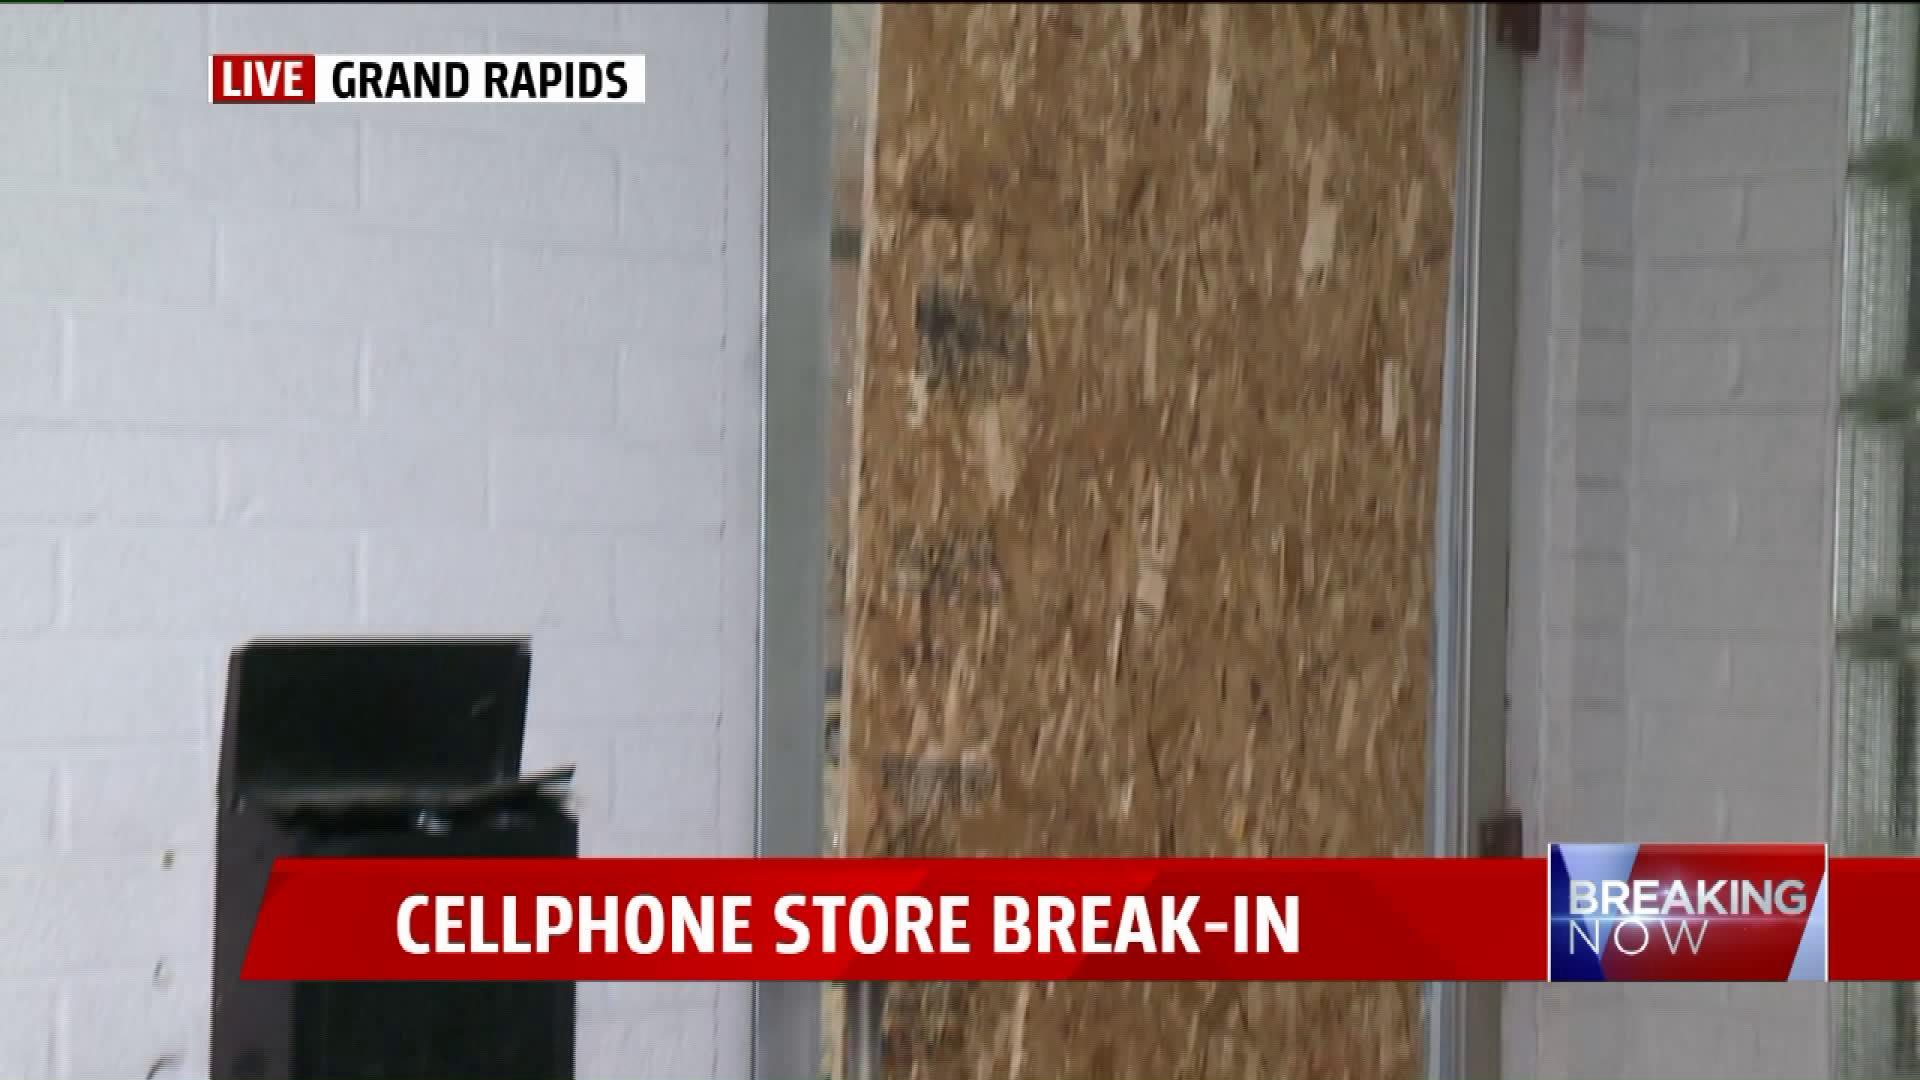 phone store broken into in grand rapids